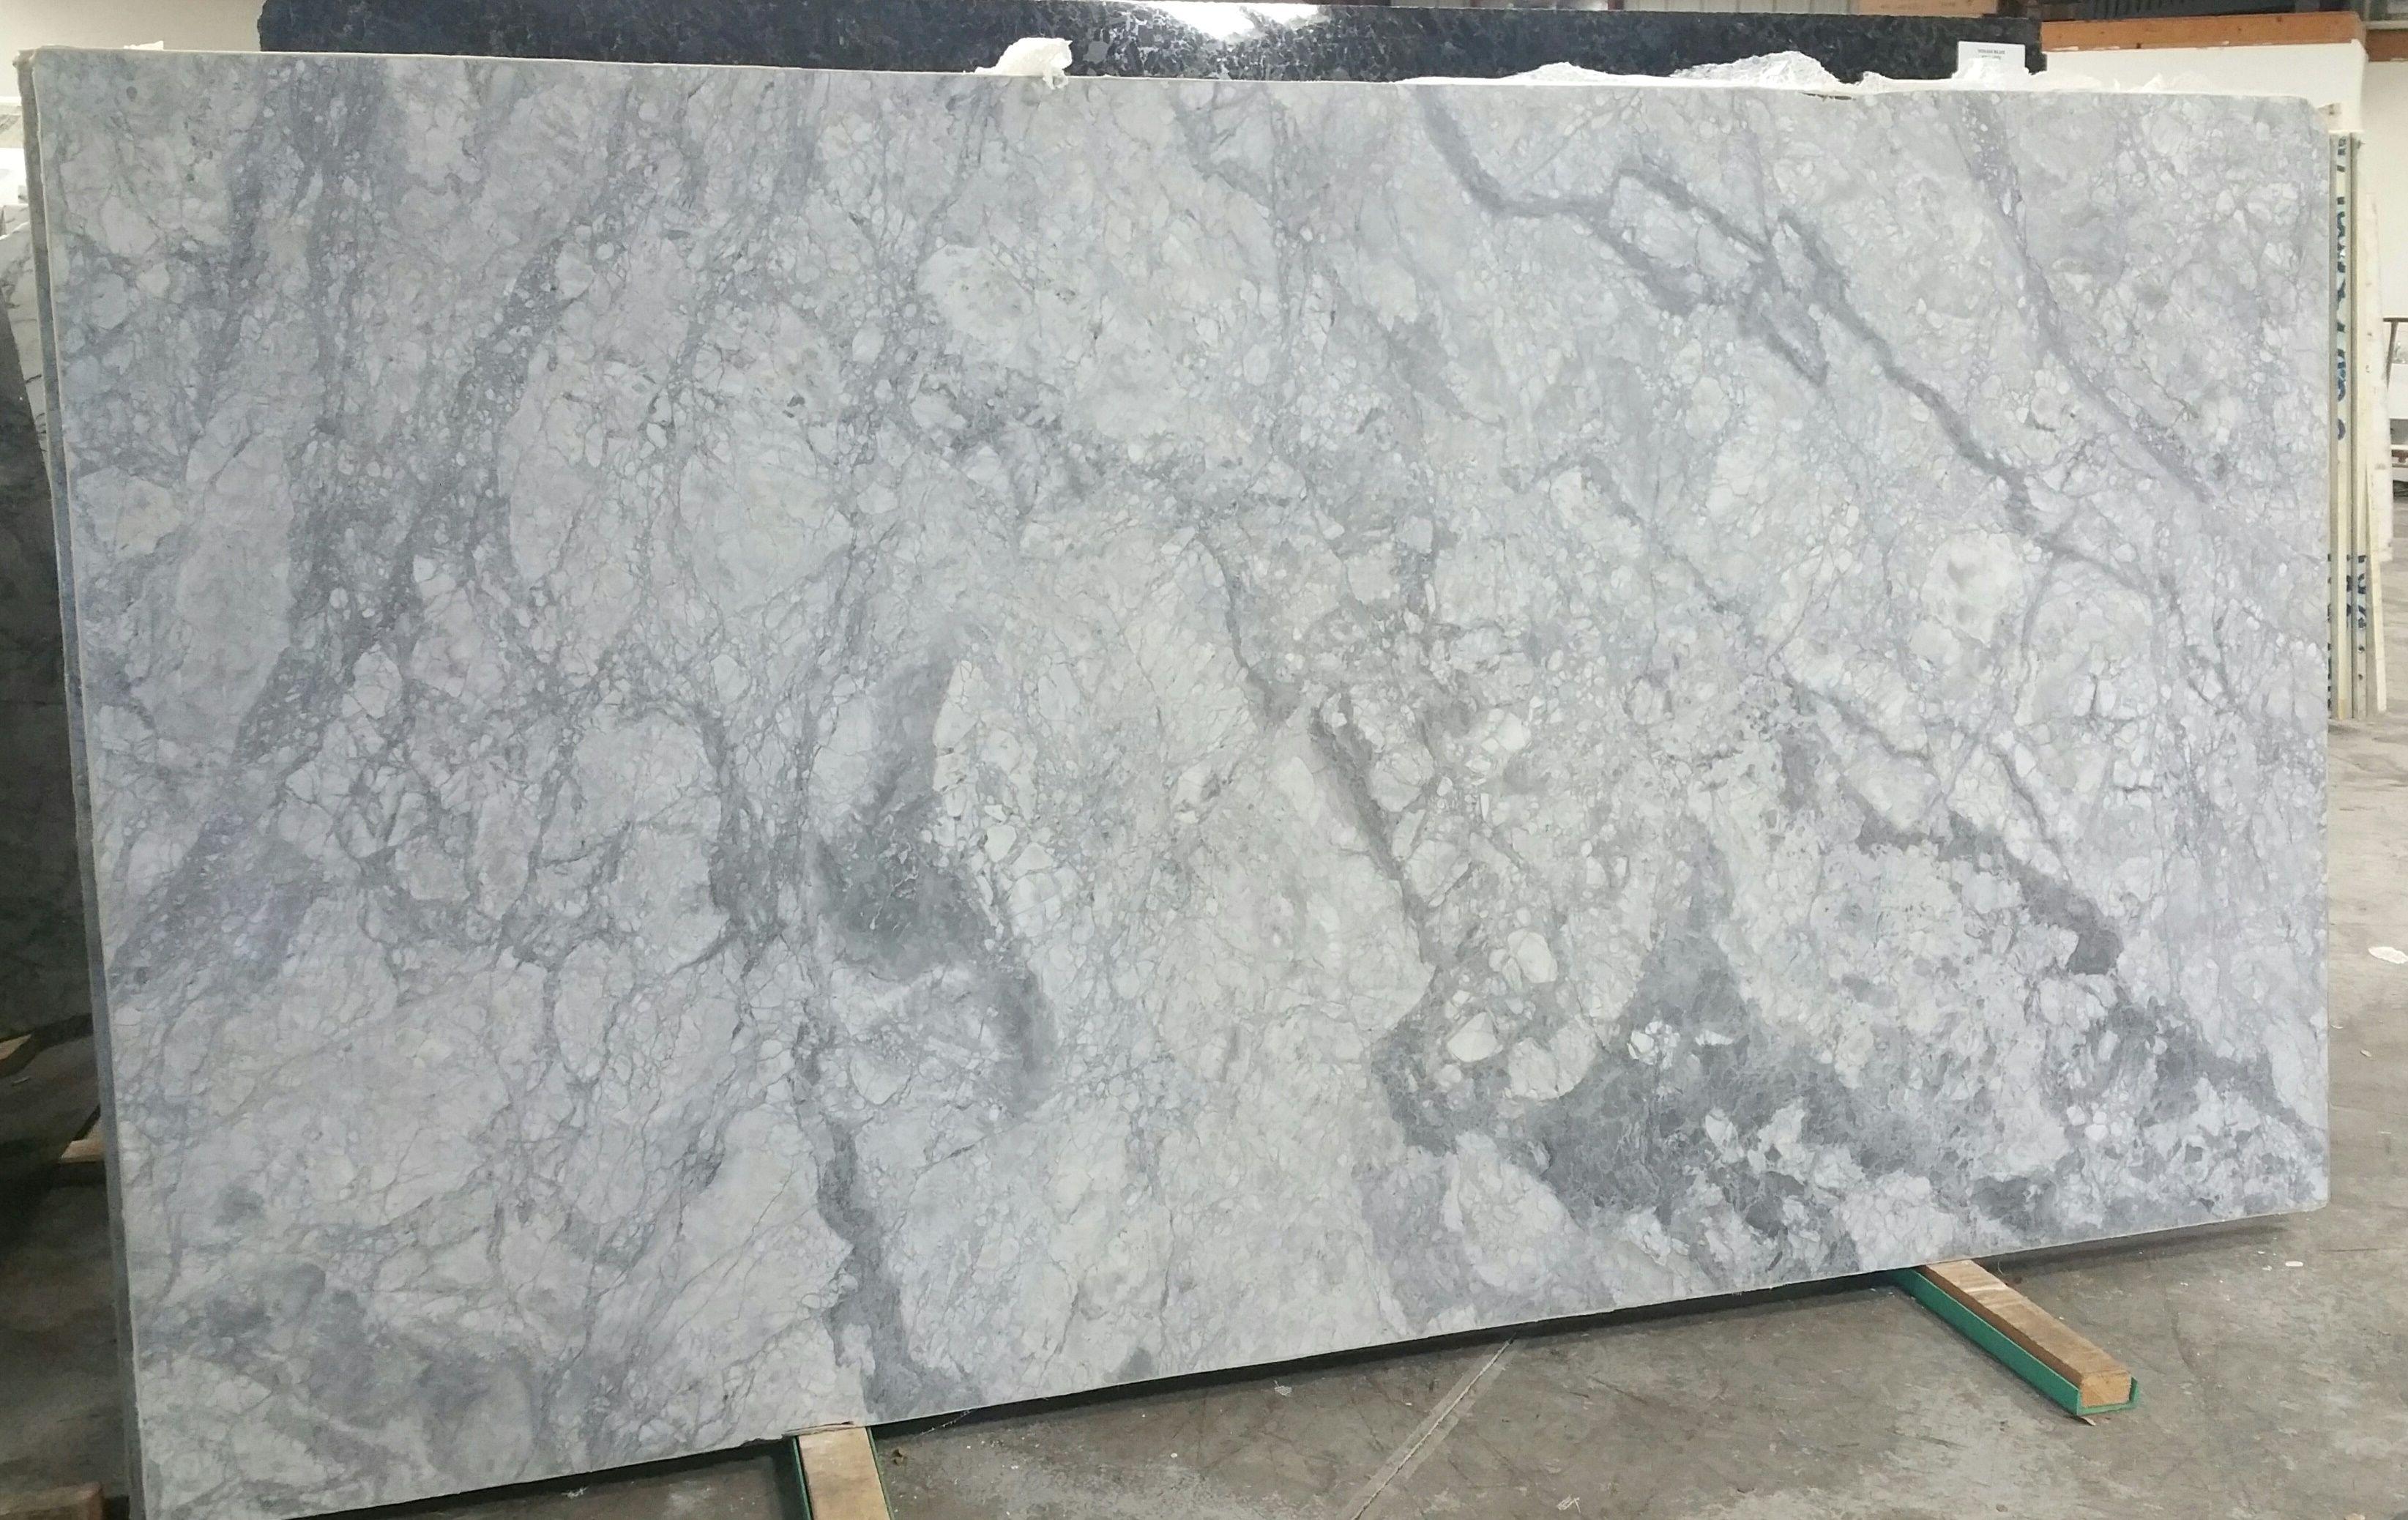 Download Wallpaper Is Super White Granite Or Quartzite